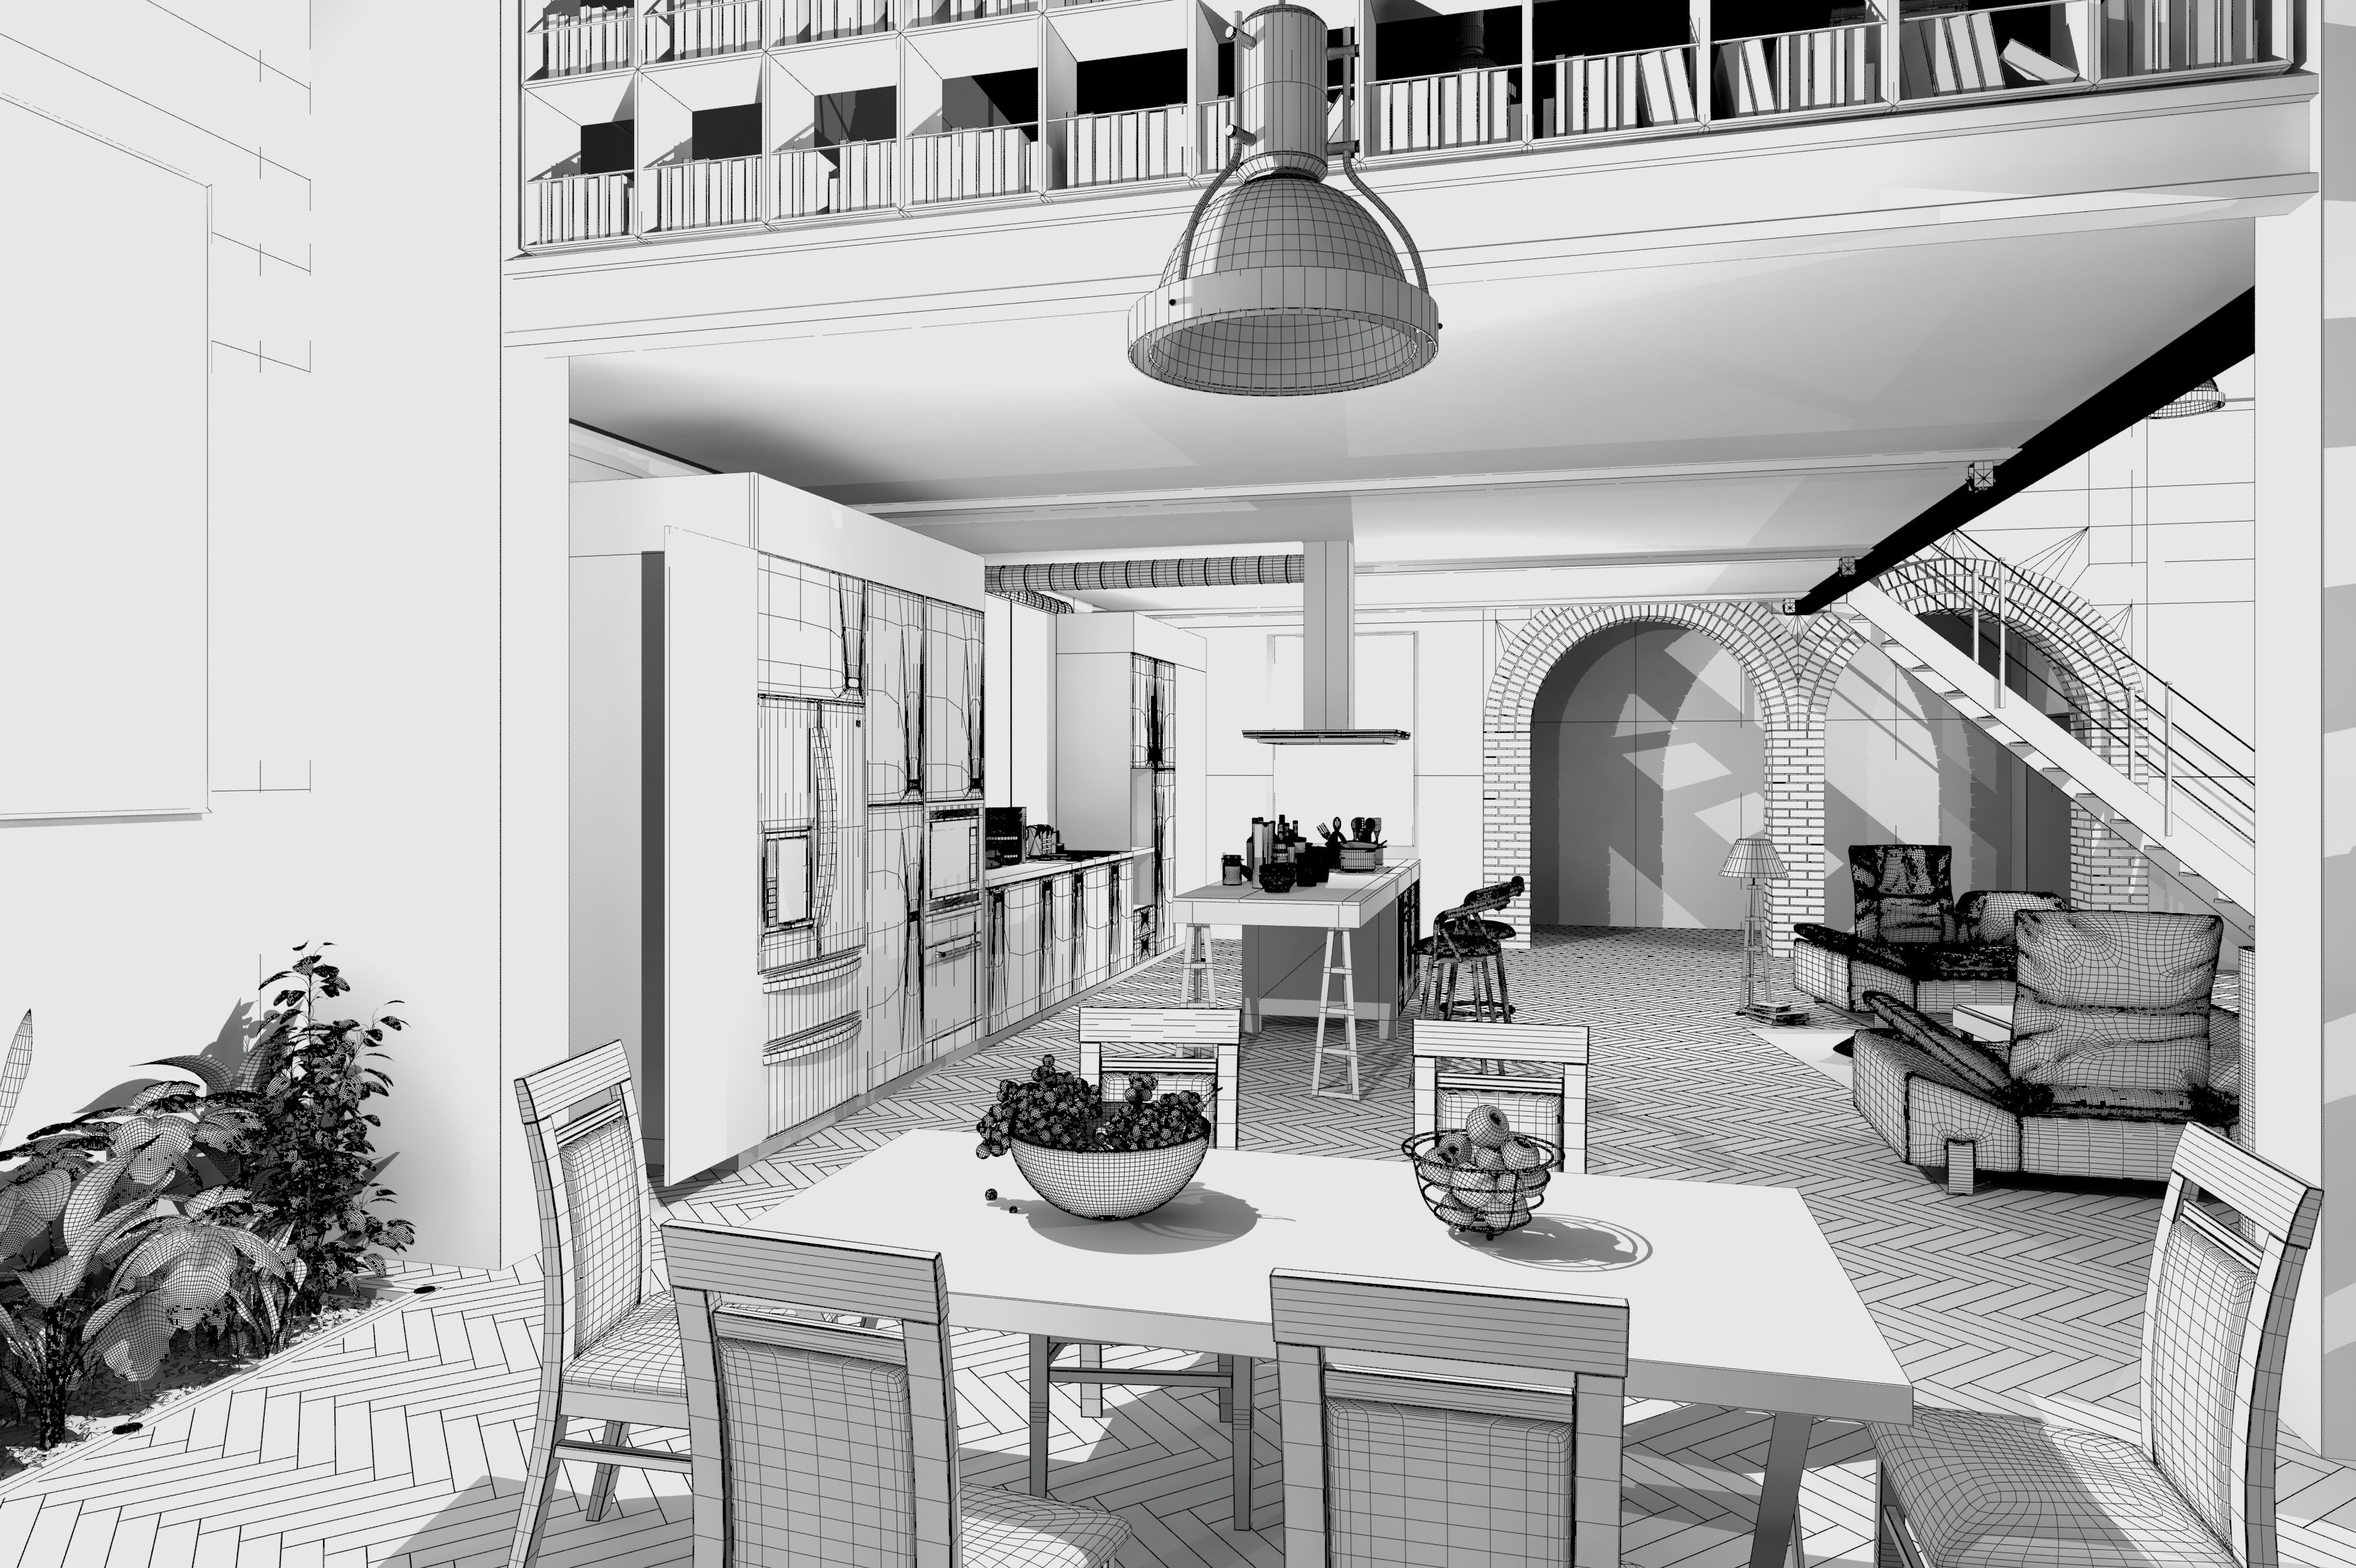 Szkic Apartament W Stylu Loft W Tle Widoczna Biala Drewniana